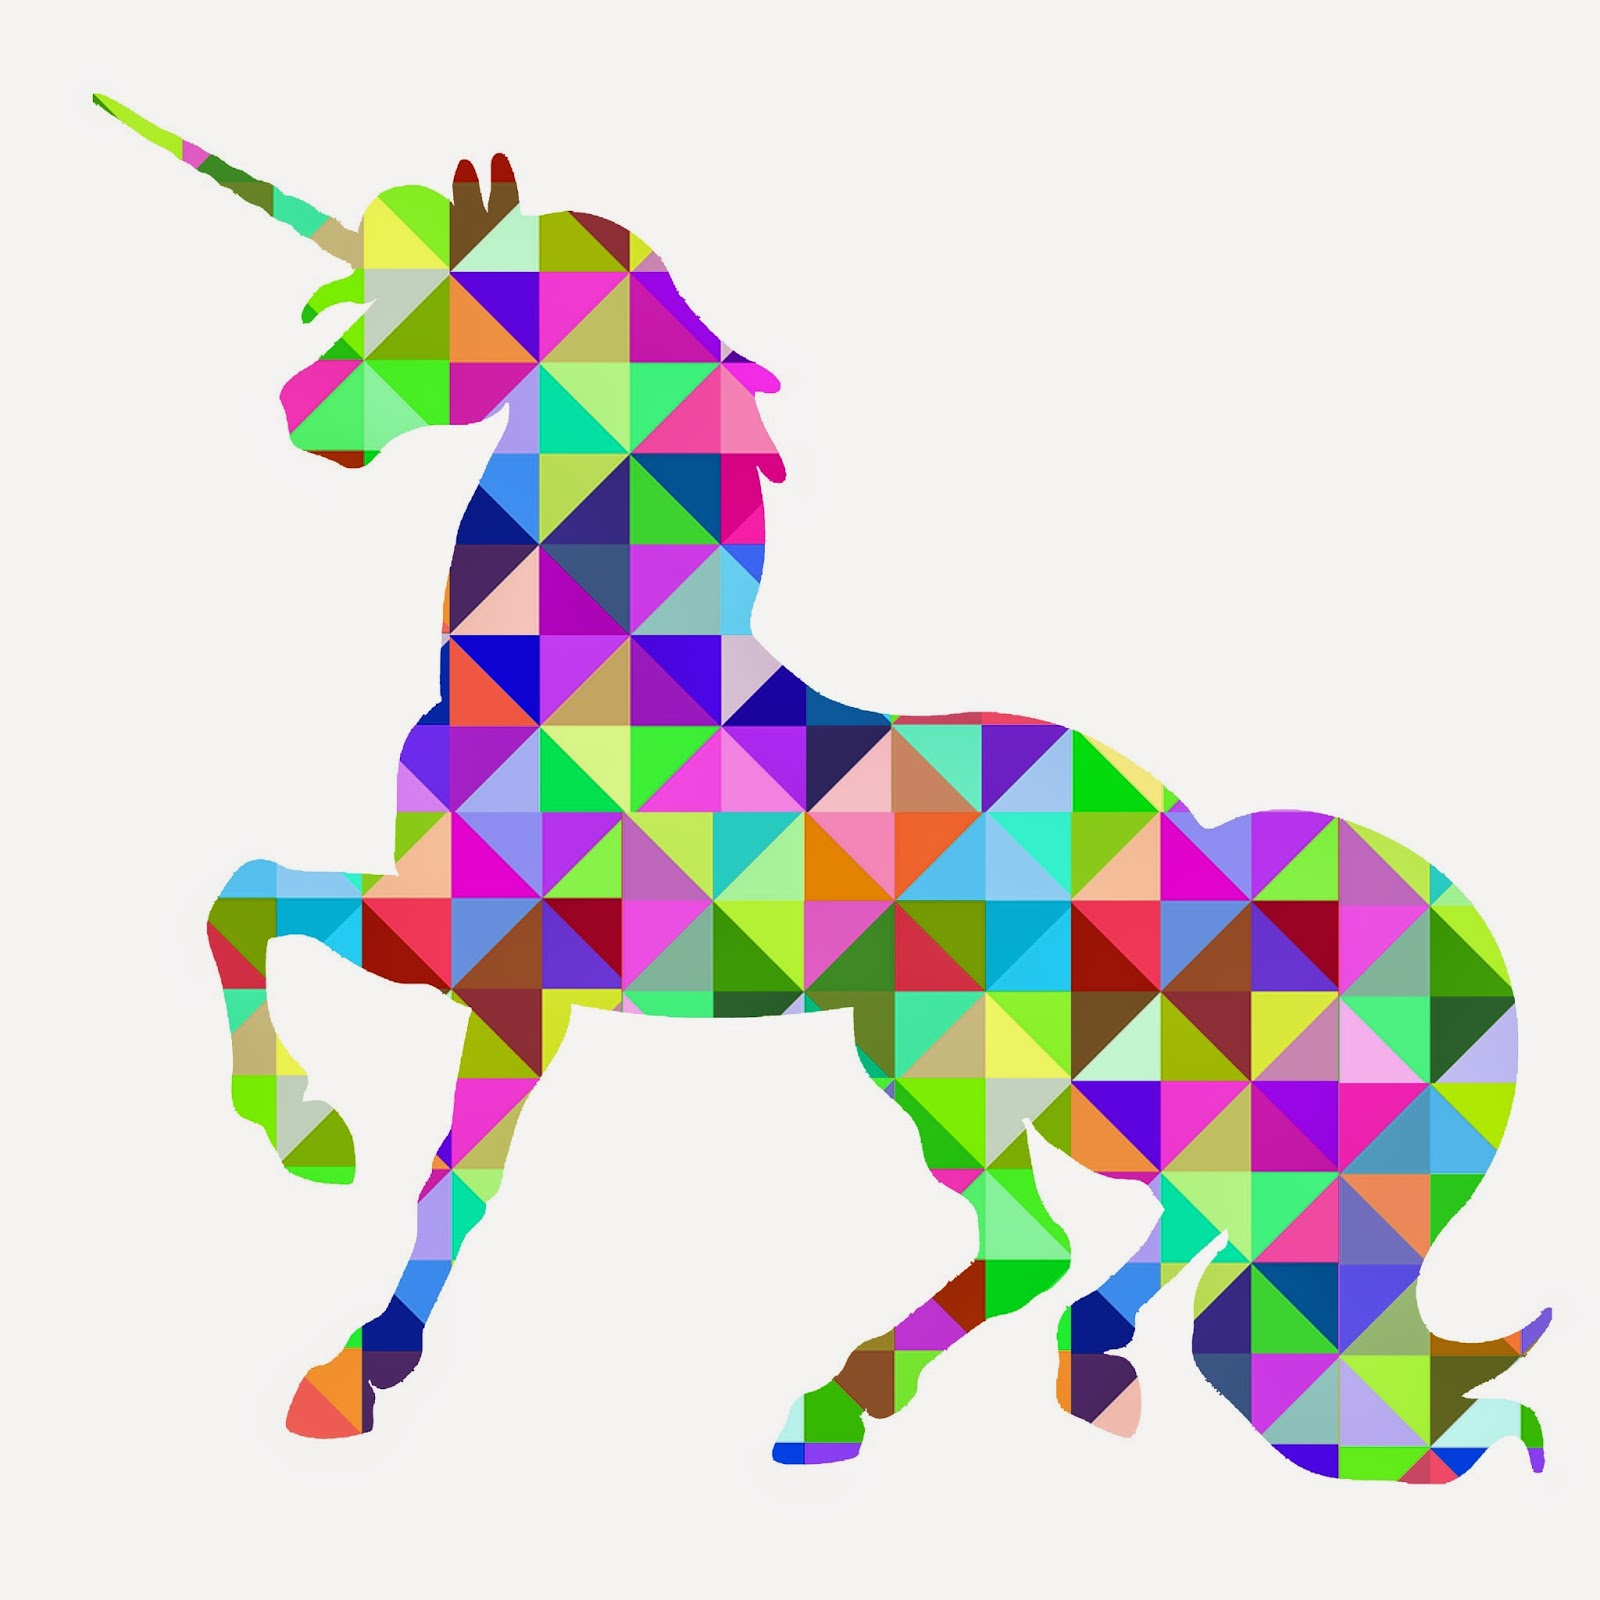 http://4.bp.blogspot.com/-q7TPsLYOdN0/Uz3X7sVi5nI/AAAAAAAAmHs/IWxuJHtX-7g/s1600/geometric+unicorn.jpg